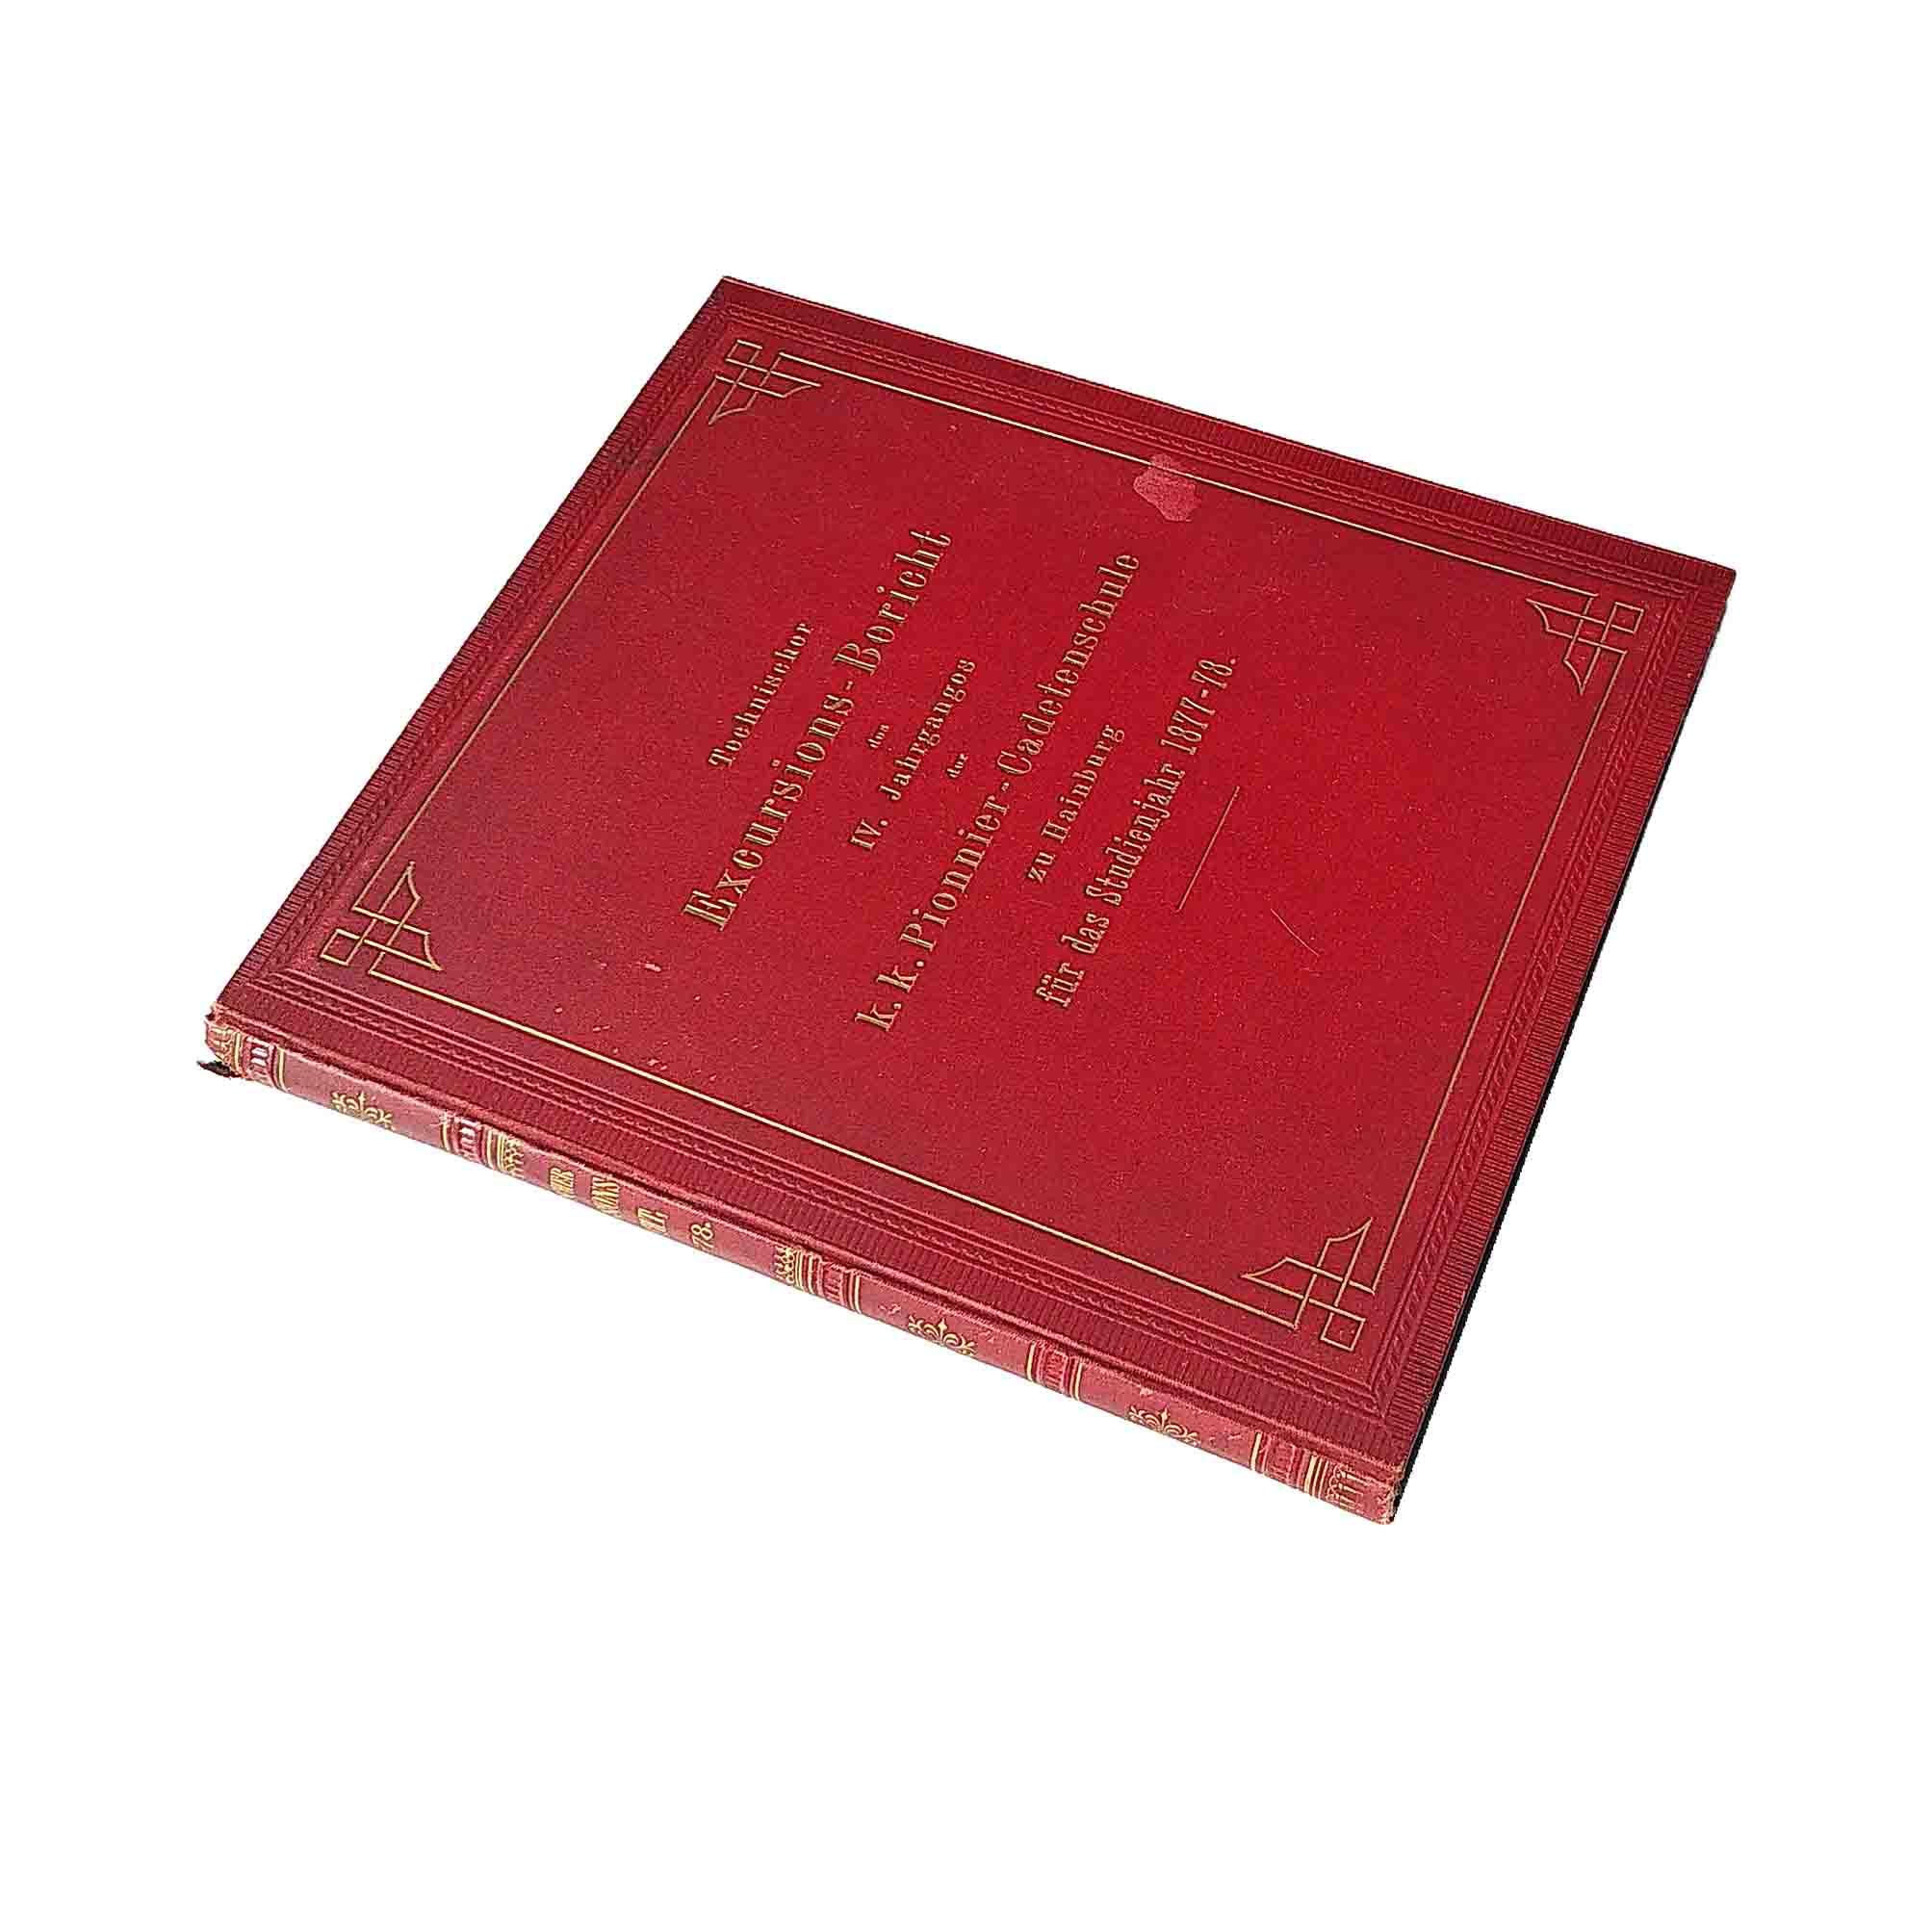 5898K-Pioniere-Hainburg-Jahresbericht-1879-Einband-frei-N.jpg